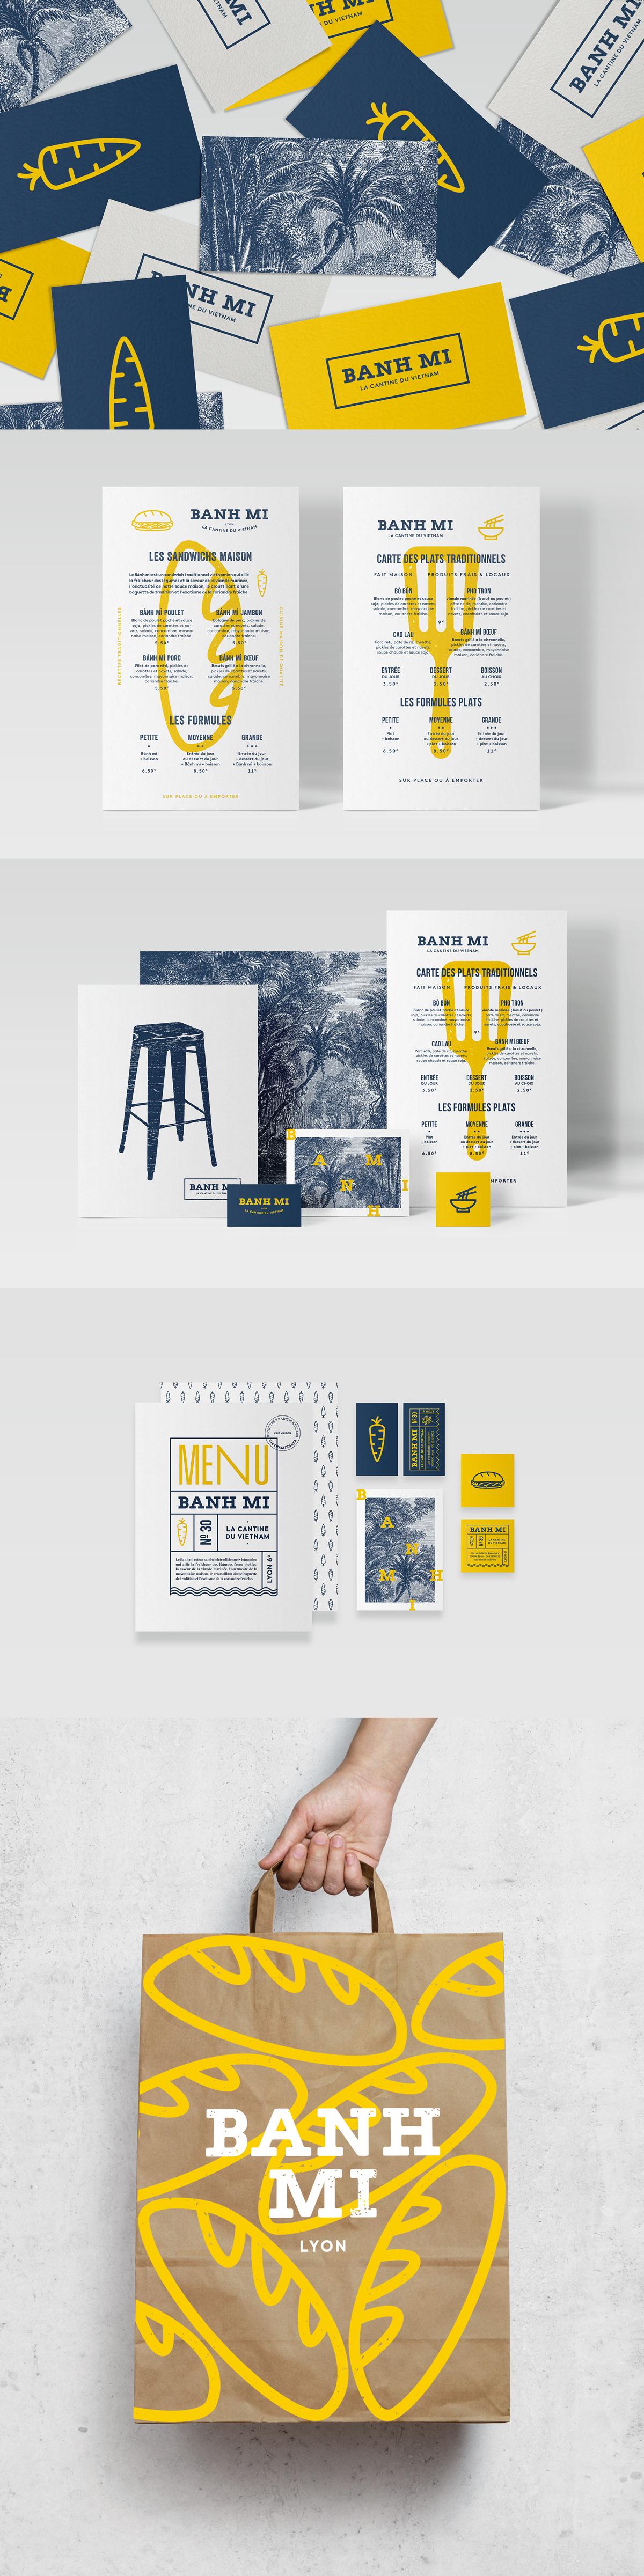 banh-mi-restaurant-design-studio-cosmos